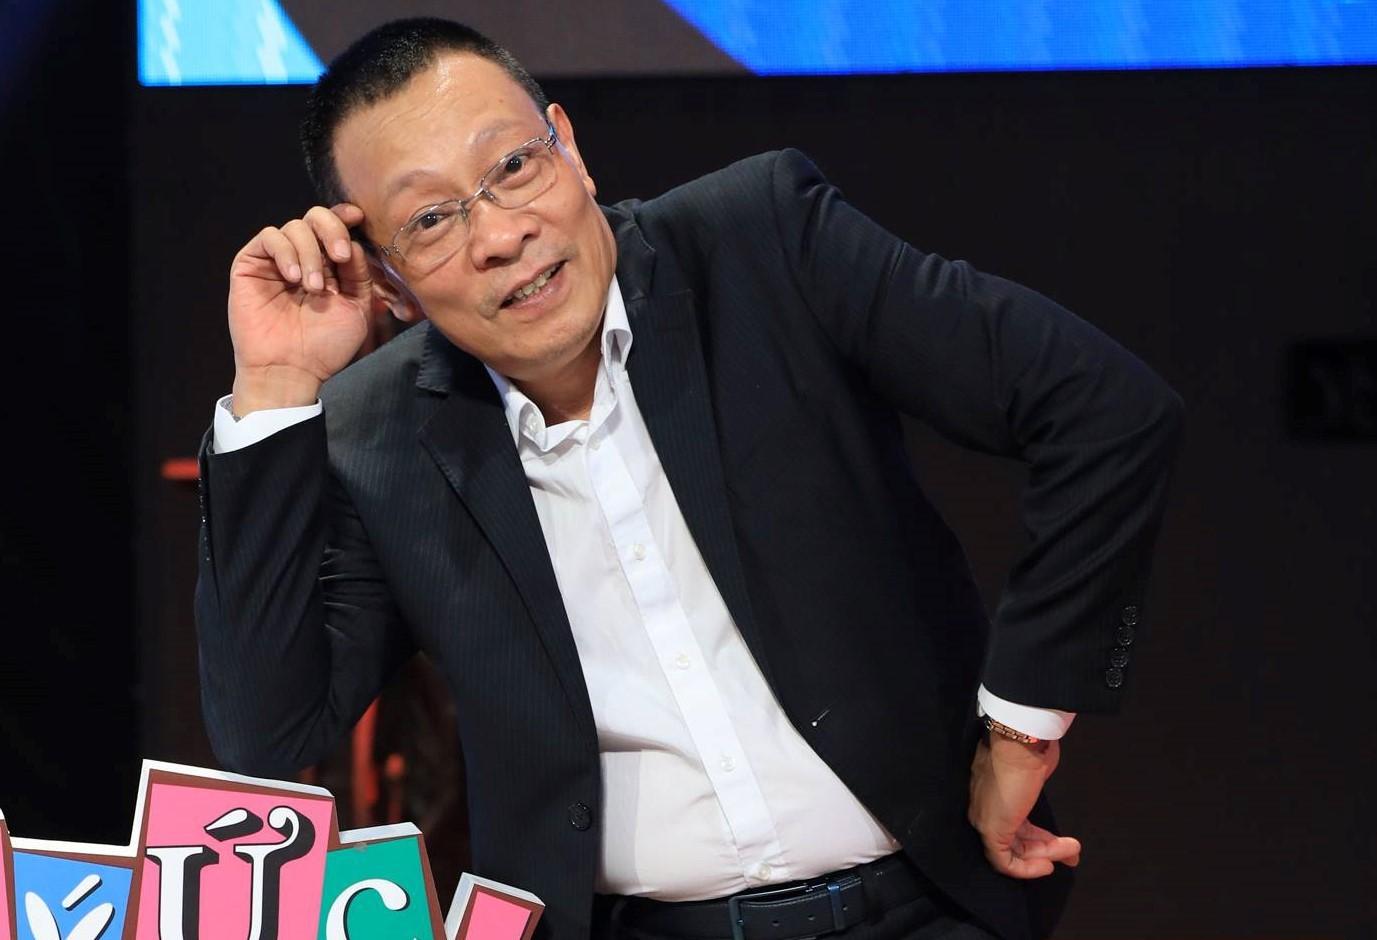 MC Lại Văn Sâm làm thơ tả lời dặn của HLV Park Hang Seo, tin tưởng tuyển Việt Nam: 'Đêm nay chỉ thắng, hoặc hòa' 0